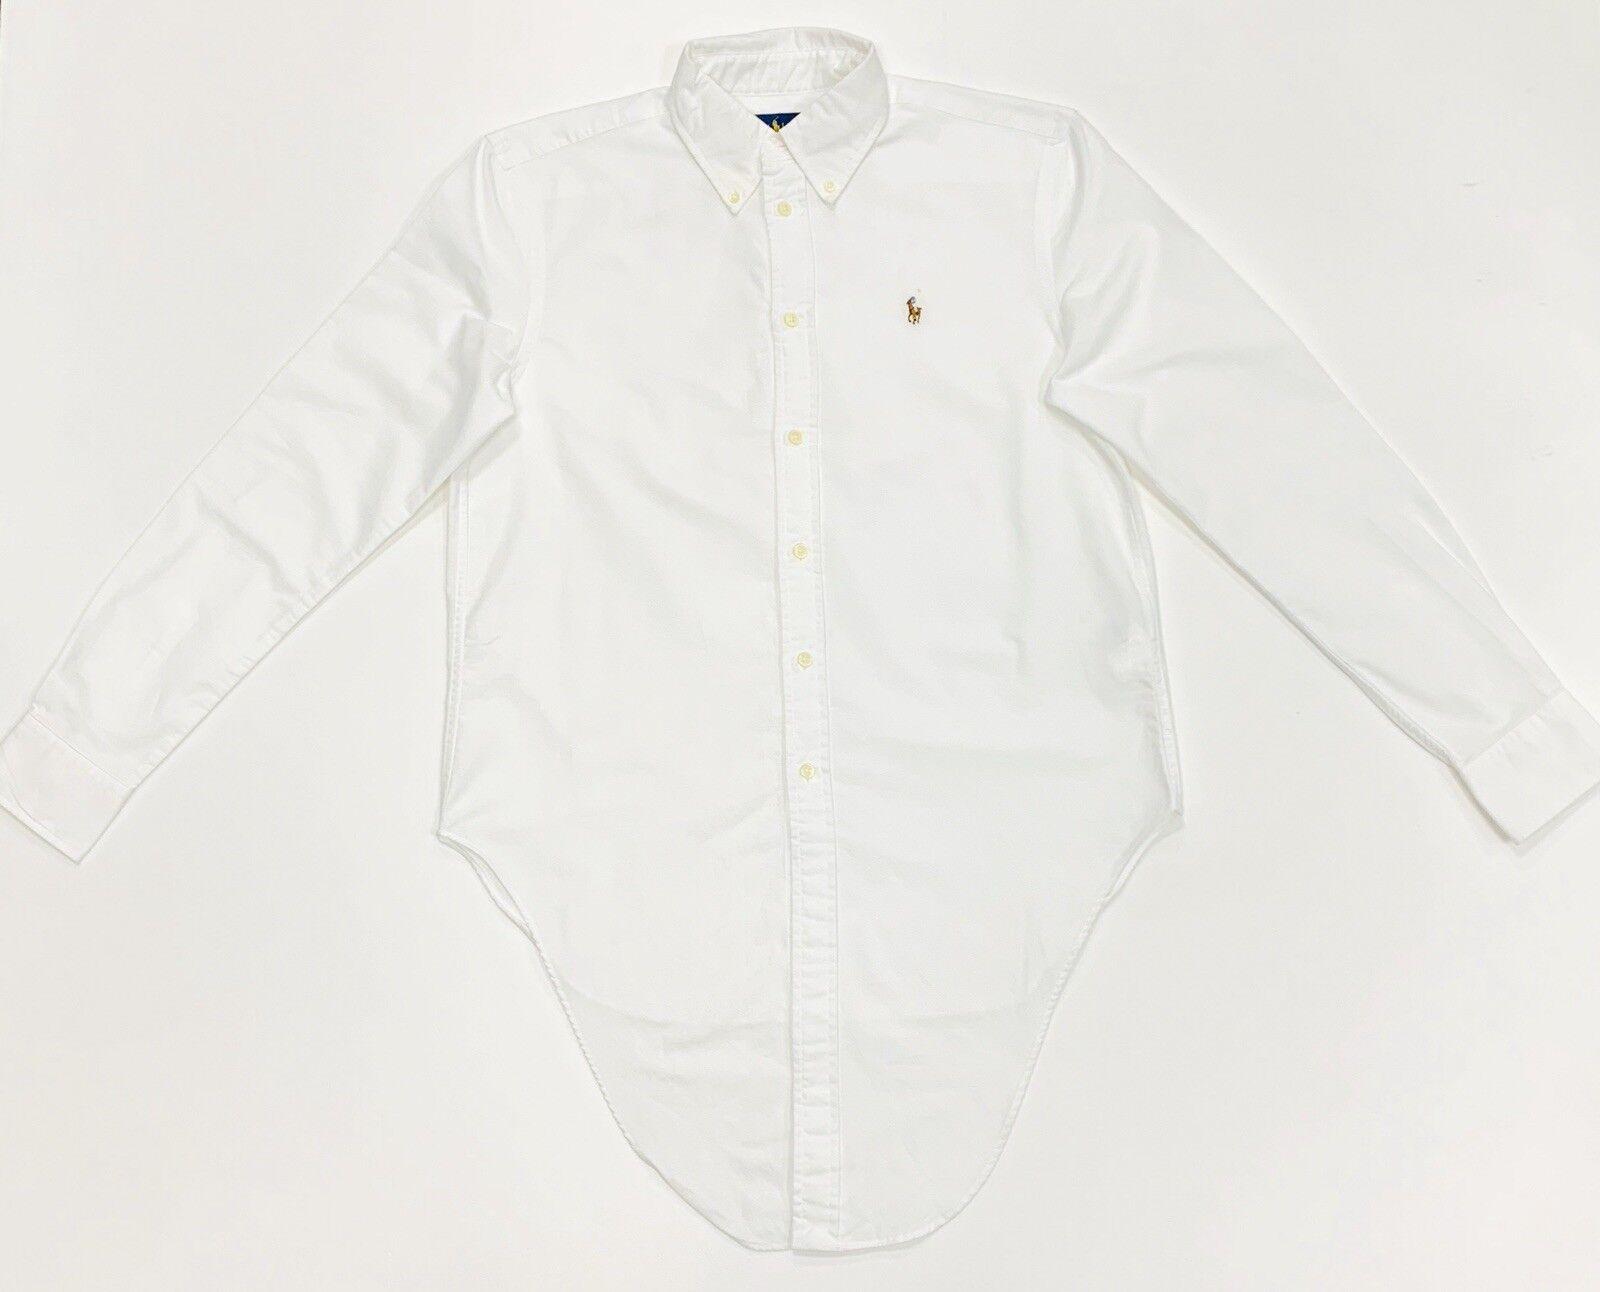 POLO RALPH LAUREN donna Cotone Oxford Camicia in A Maniche Lunghe ... 52b67436da6